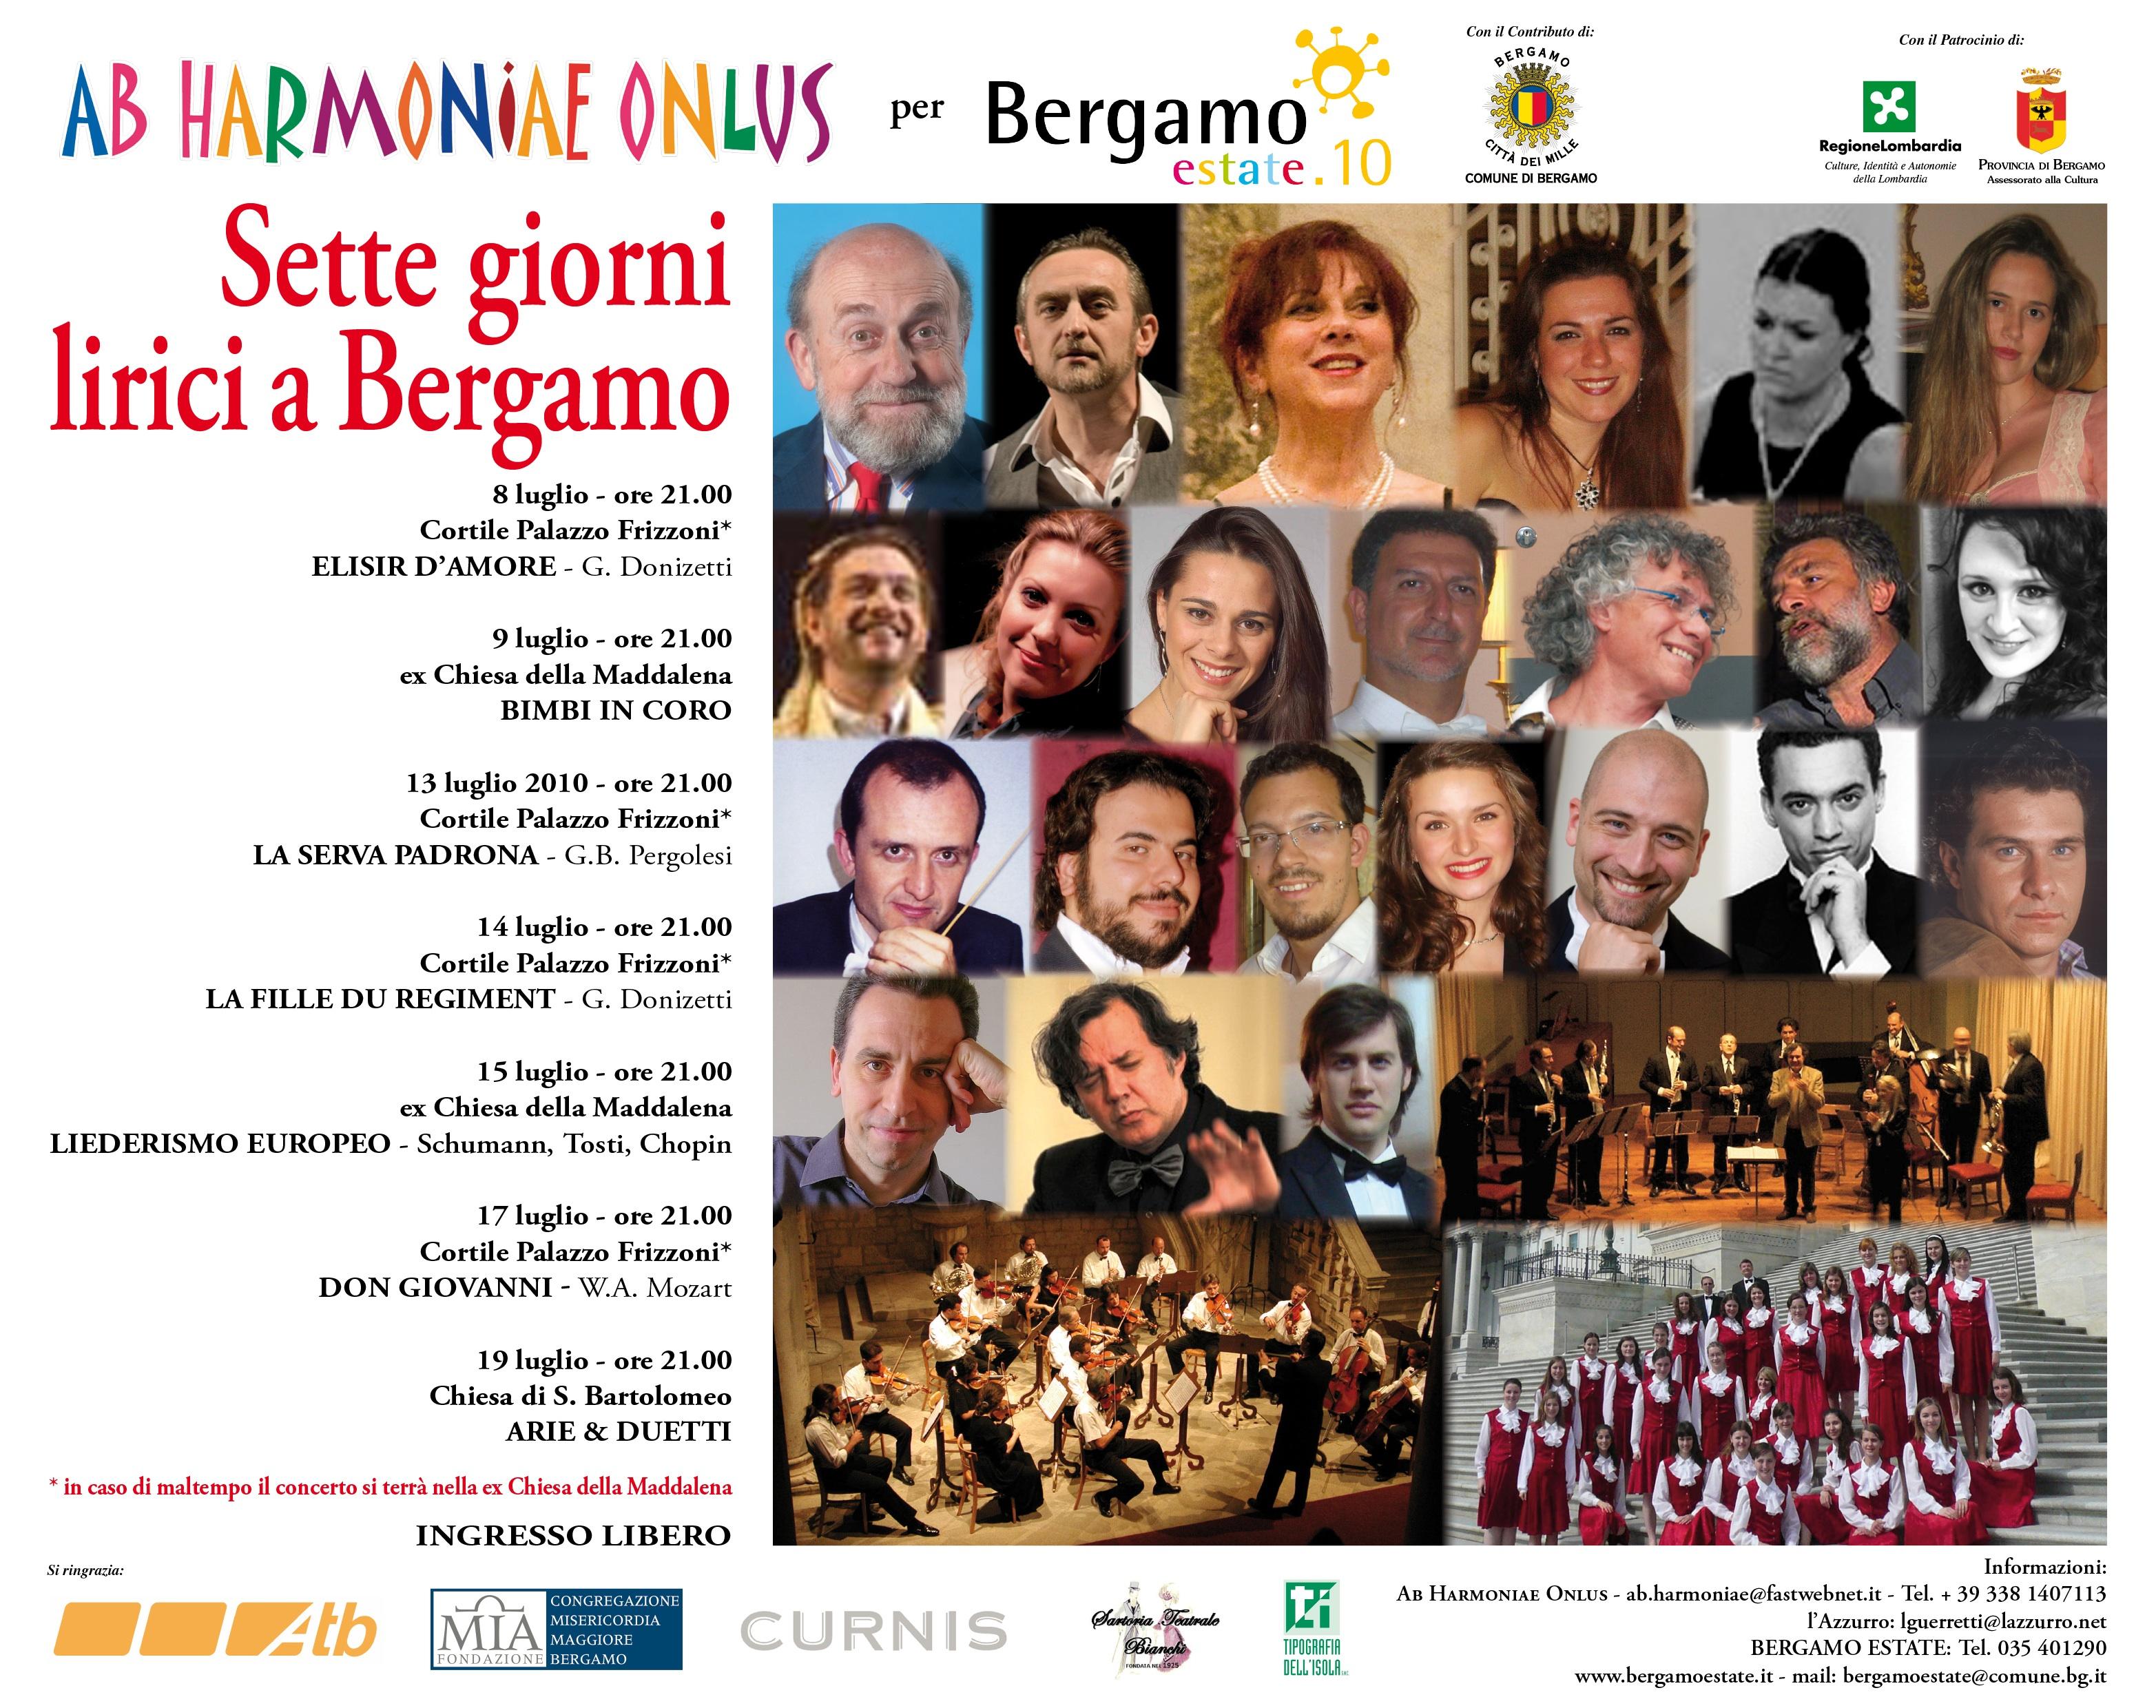 7 giorni lirici a Bergamo